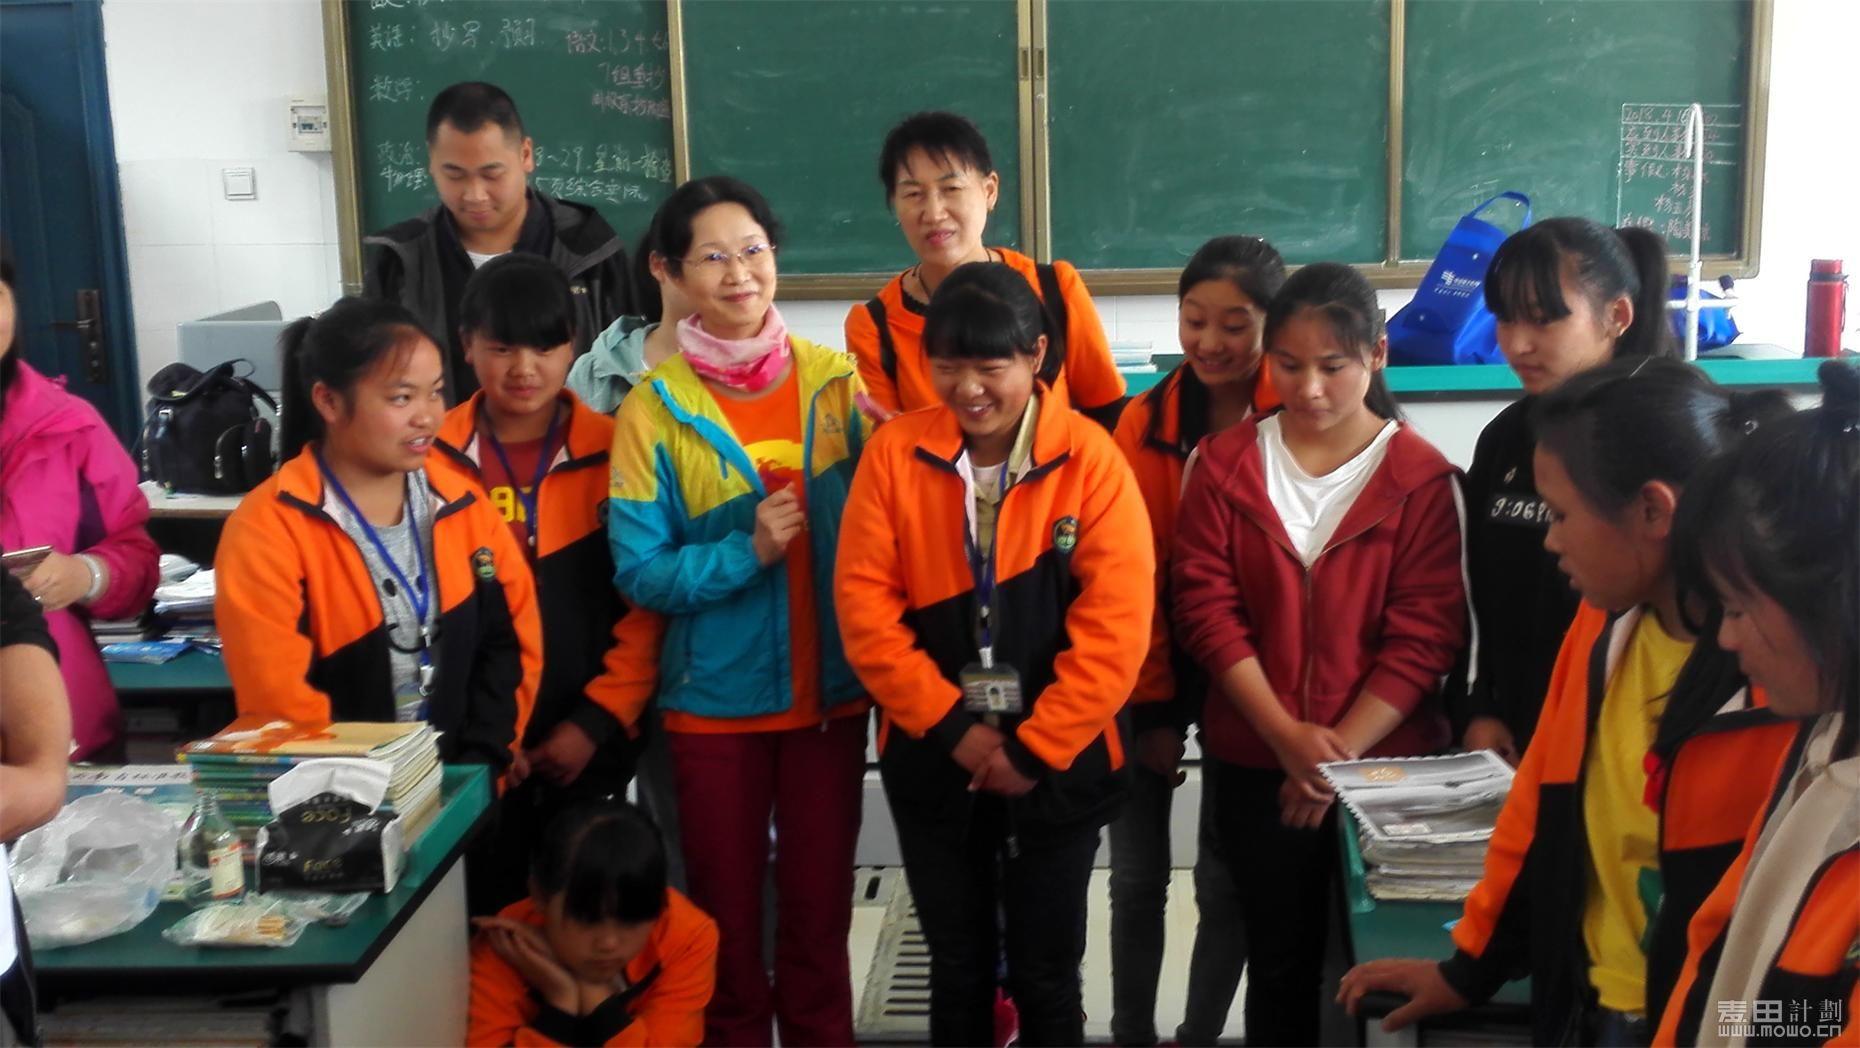 同学口述动作要领和操作规范